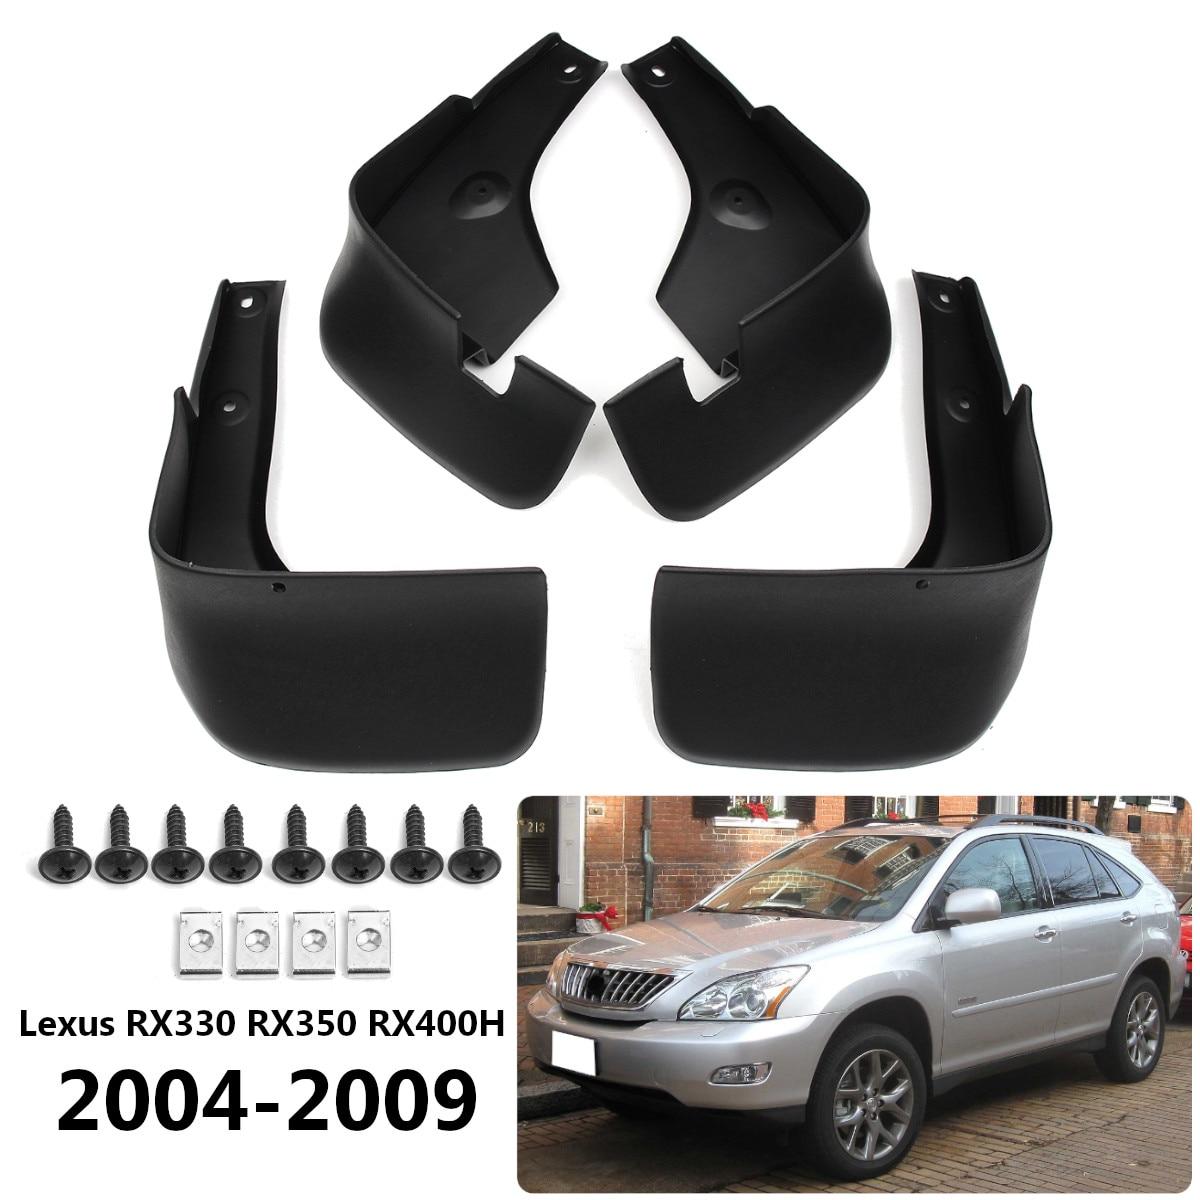 Anteriore Posteriore Lembi di Fango Auto Per Lexus RX330 RX350 RX400H 2004-2009 Paraspruzzi Parafanghi Splash Guard Parafango Accessori